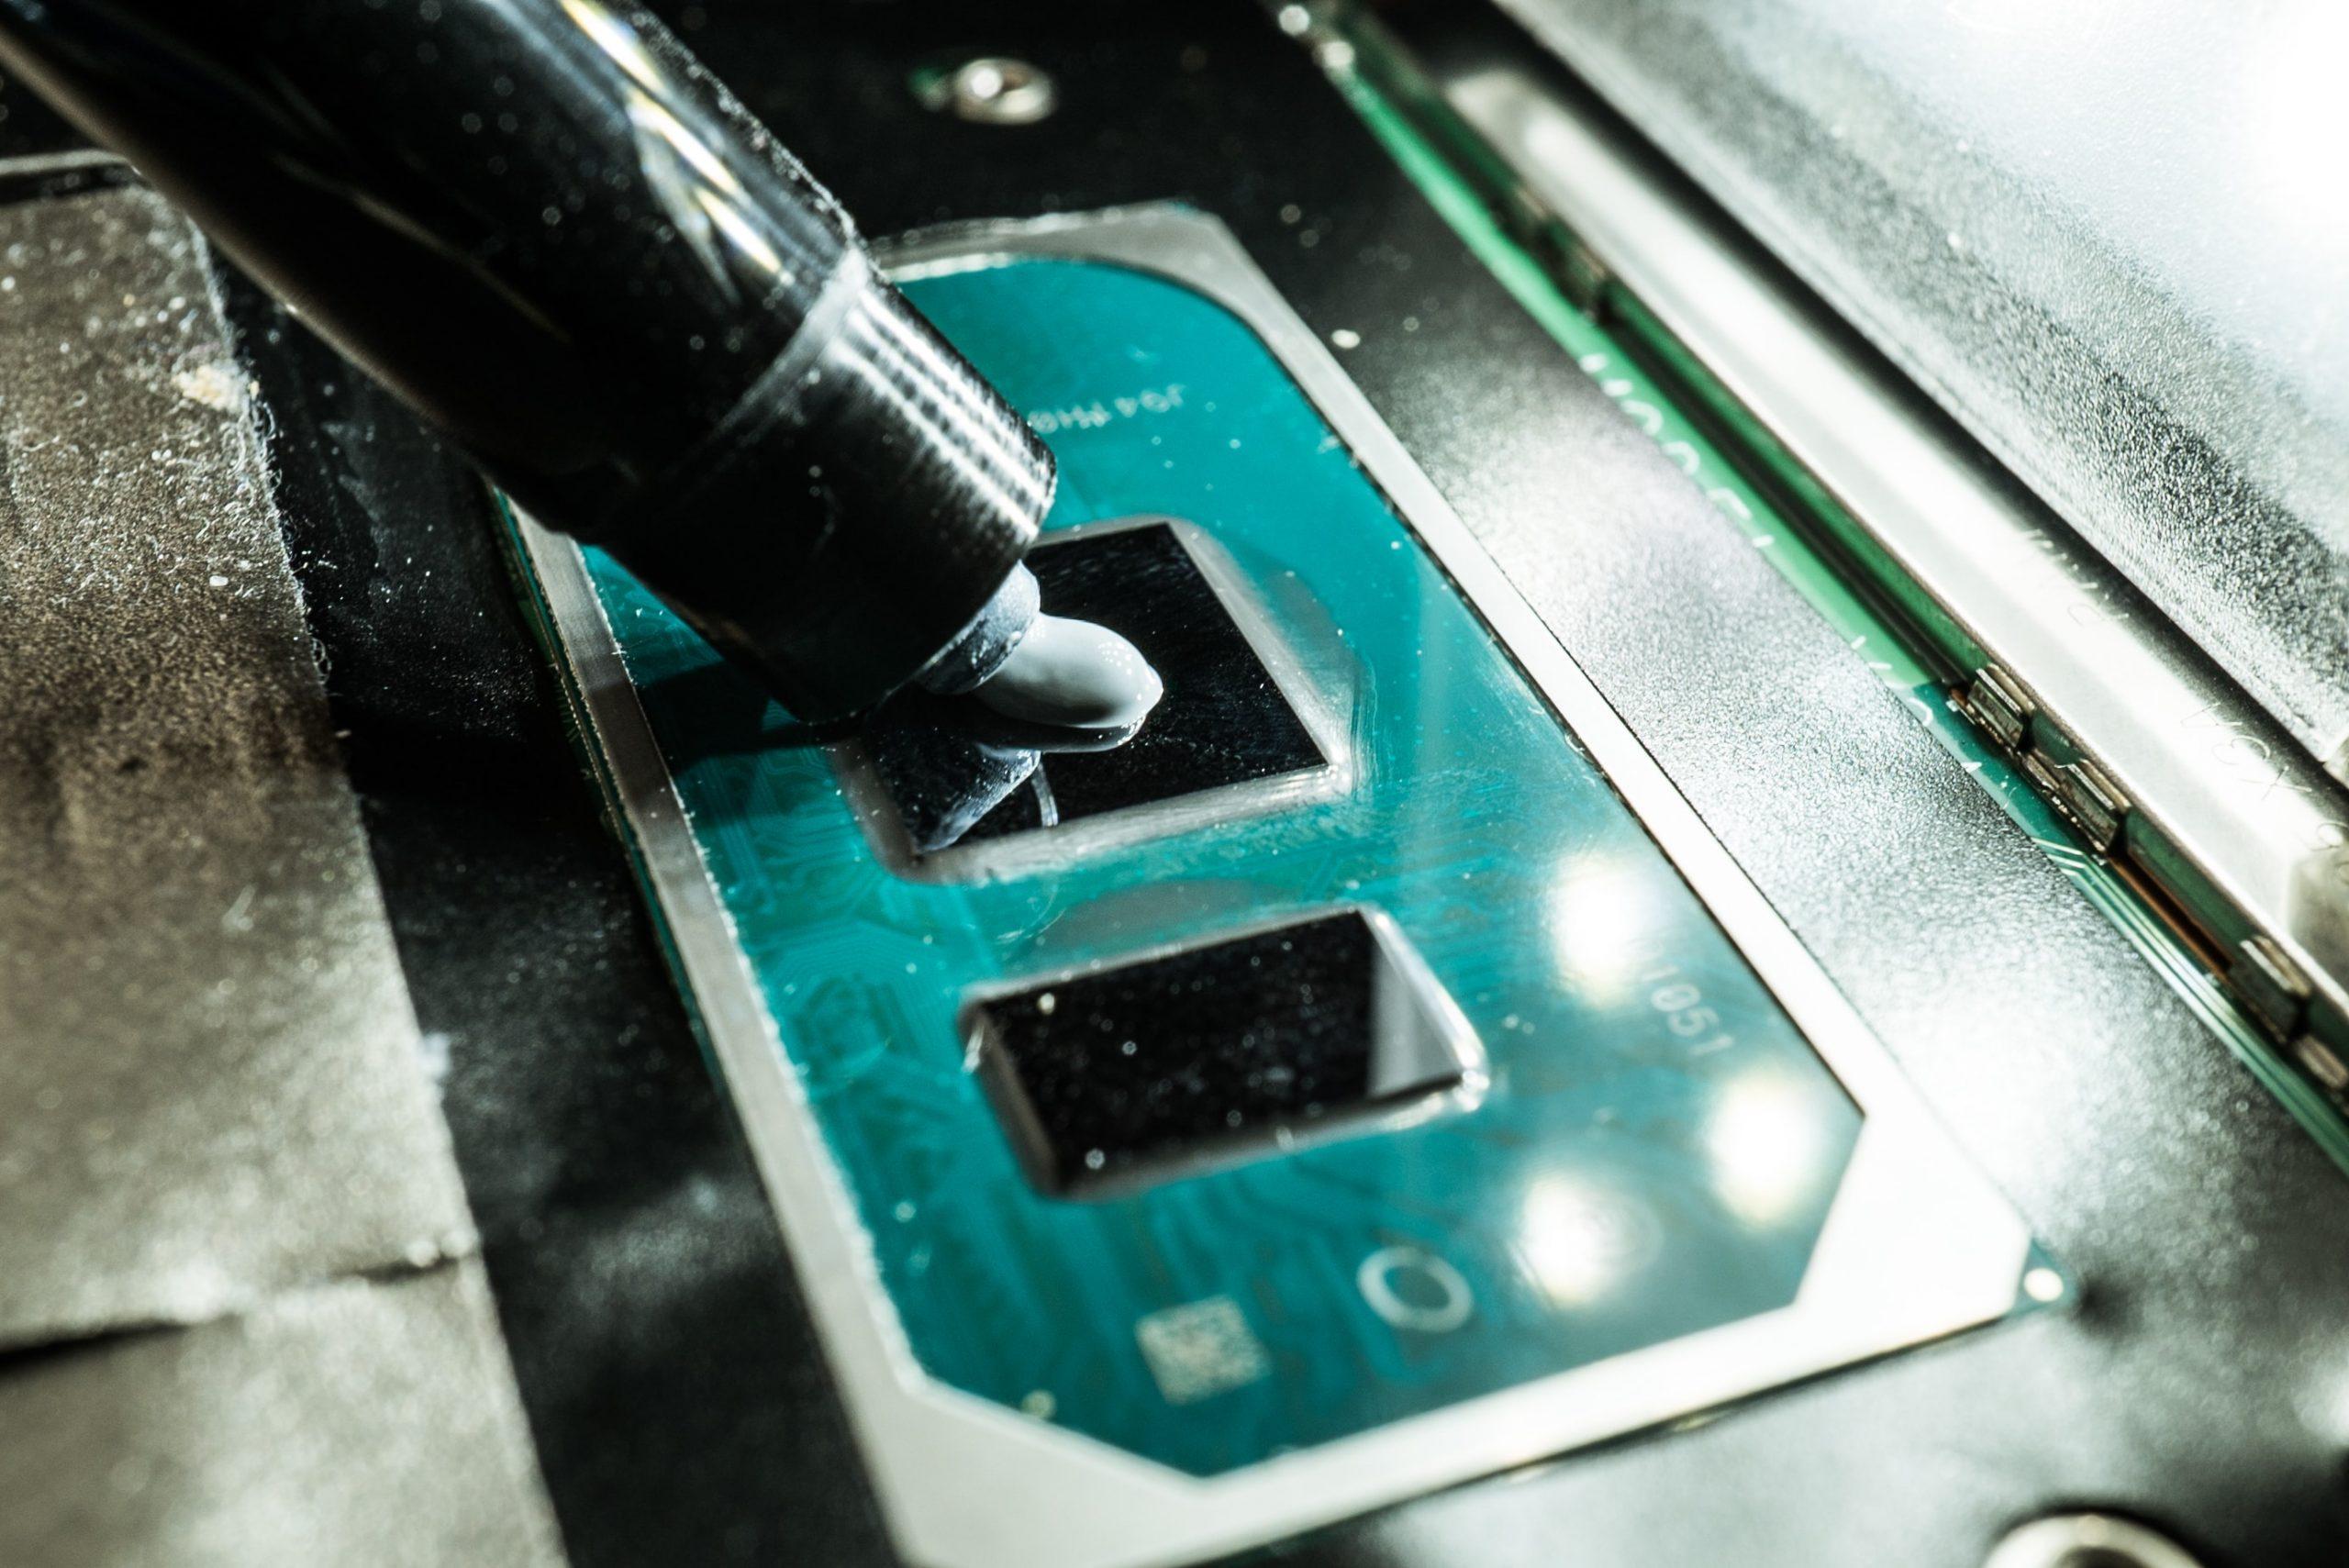 Imagem mostra uma pessoa aplicando pasta térmica em um processador.